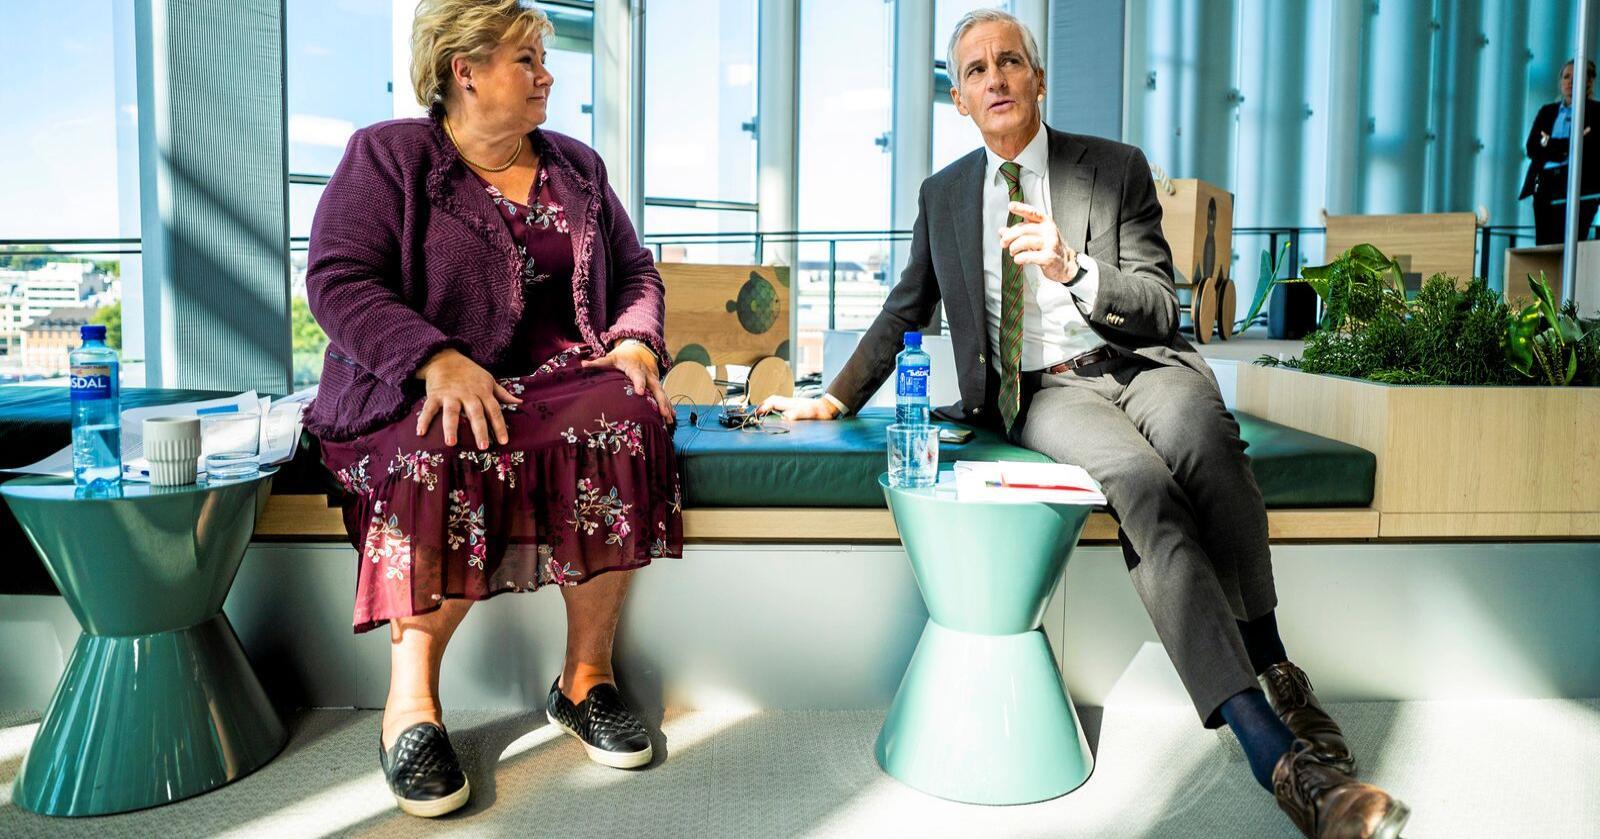 Statsminister Erna Solberg (H) og Ap-leiar Jonas Gahr Støre vil ikke leite etter handlingsrom. Det vil Sp, skriv debattantane. Foto: Håkon Mosvold Larsen / NTB